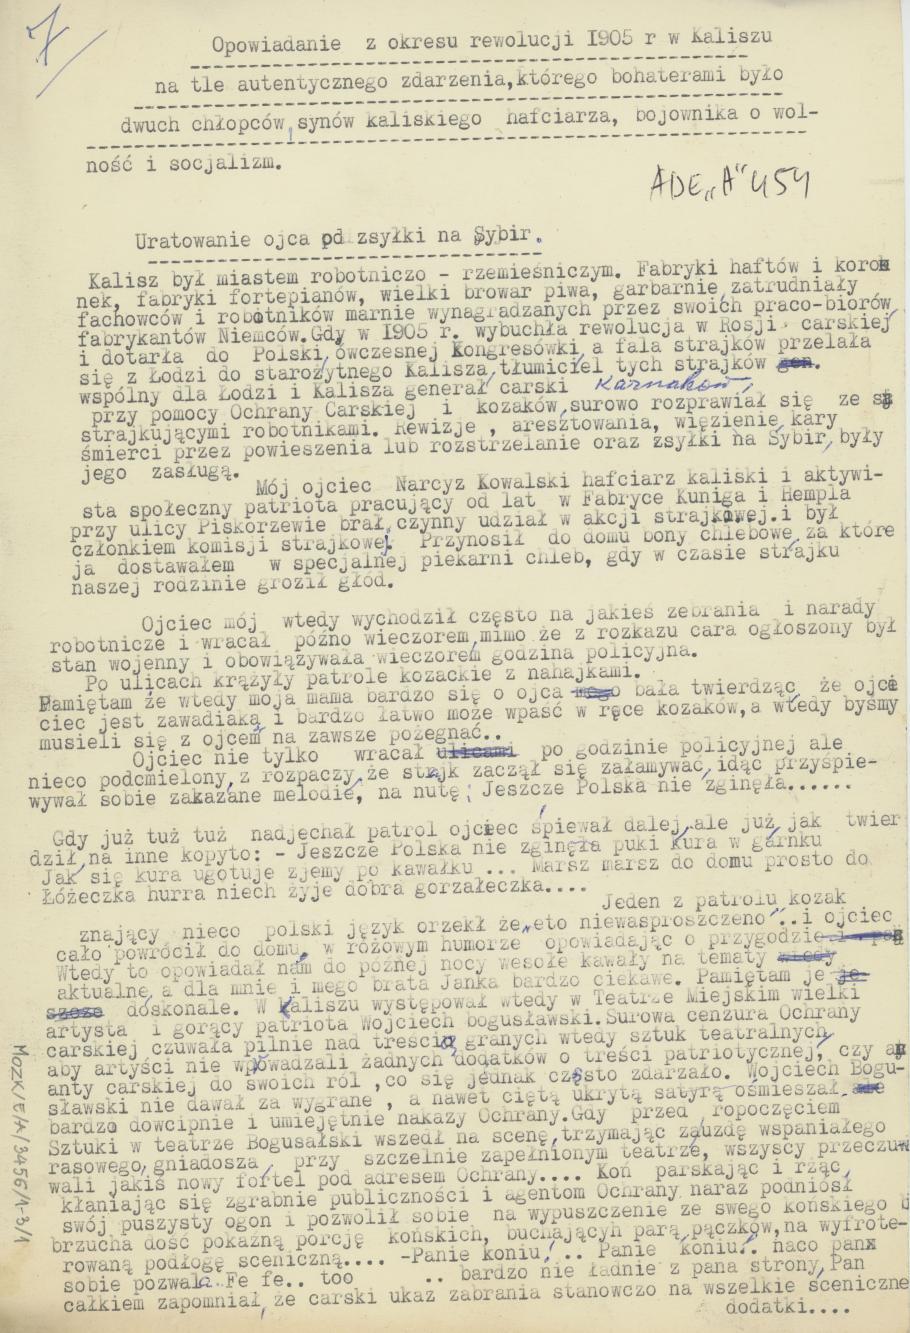 Opowiadanie z okresu rewolucji 1905 r. w Kaliszu